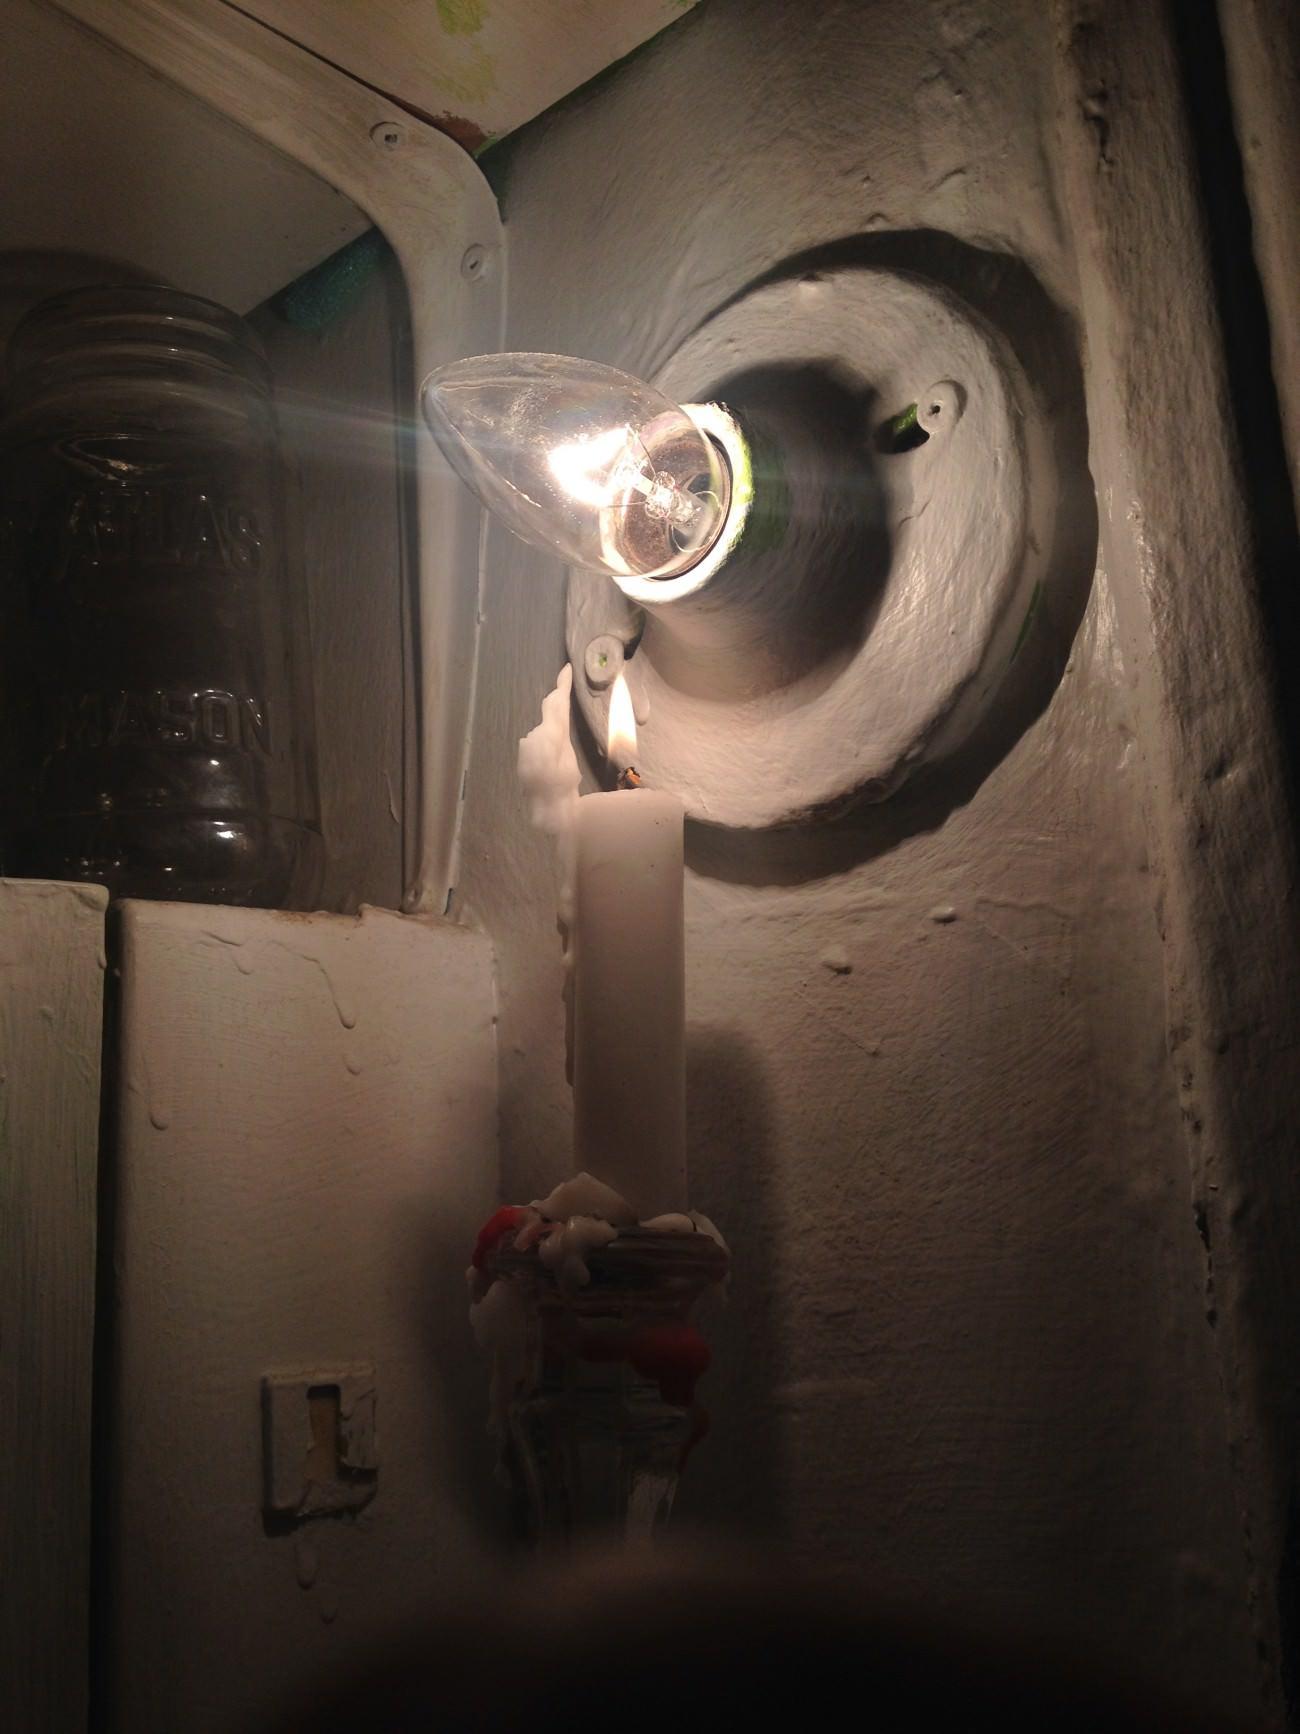 Steve Giasson. Performance invisible n° 91 (Éclairer une lumière avec une lumière). Performeur : anonyme. Crédit photographique : anonyme. 11 mars 2016.